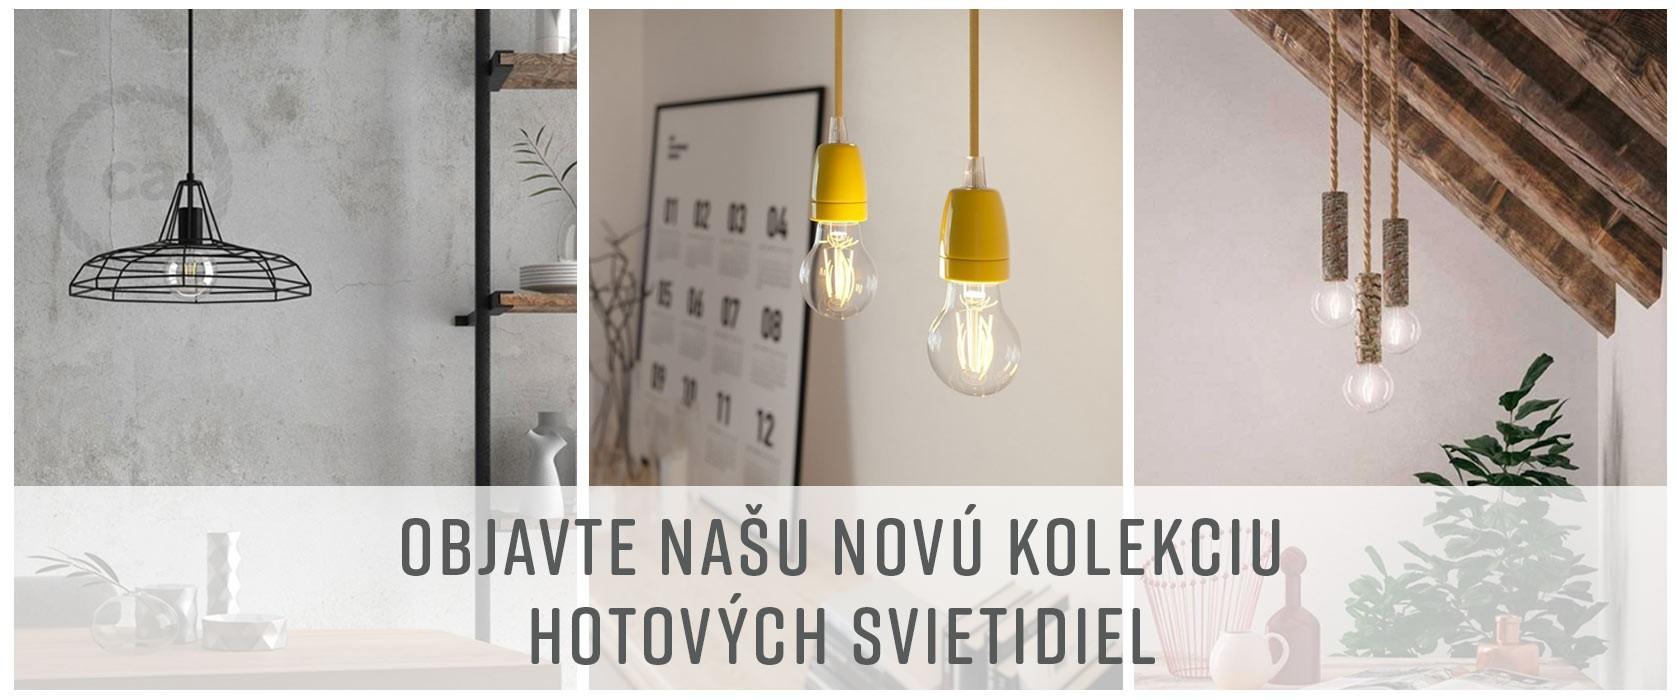 Nová kolekcia hotových svietidiel